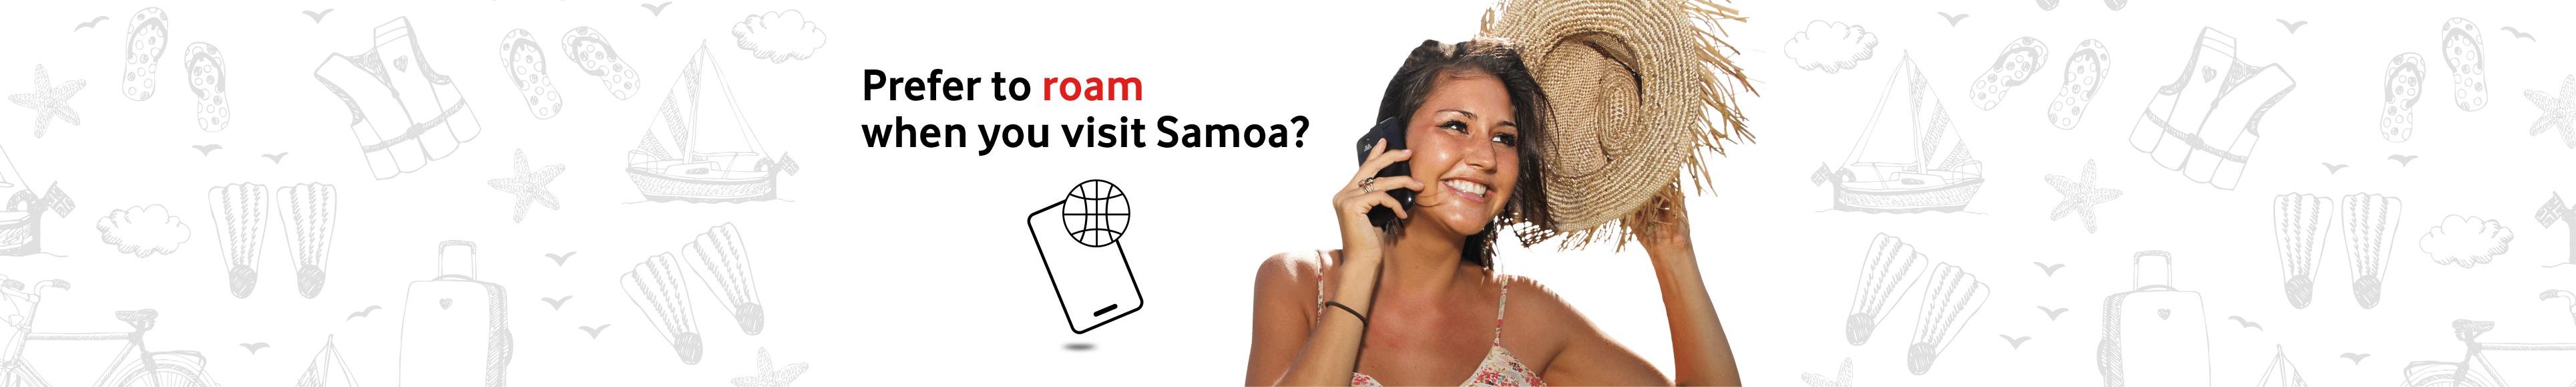 Roam(Visit Samoa) Banner